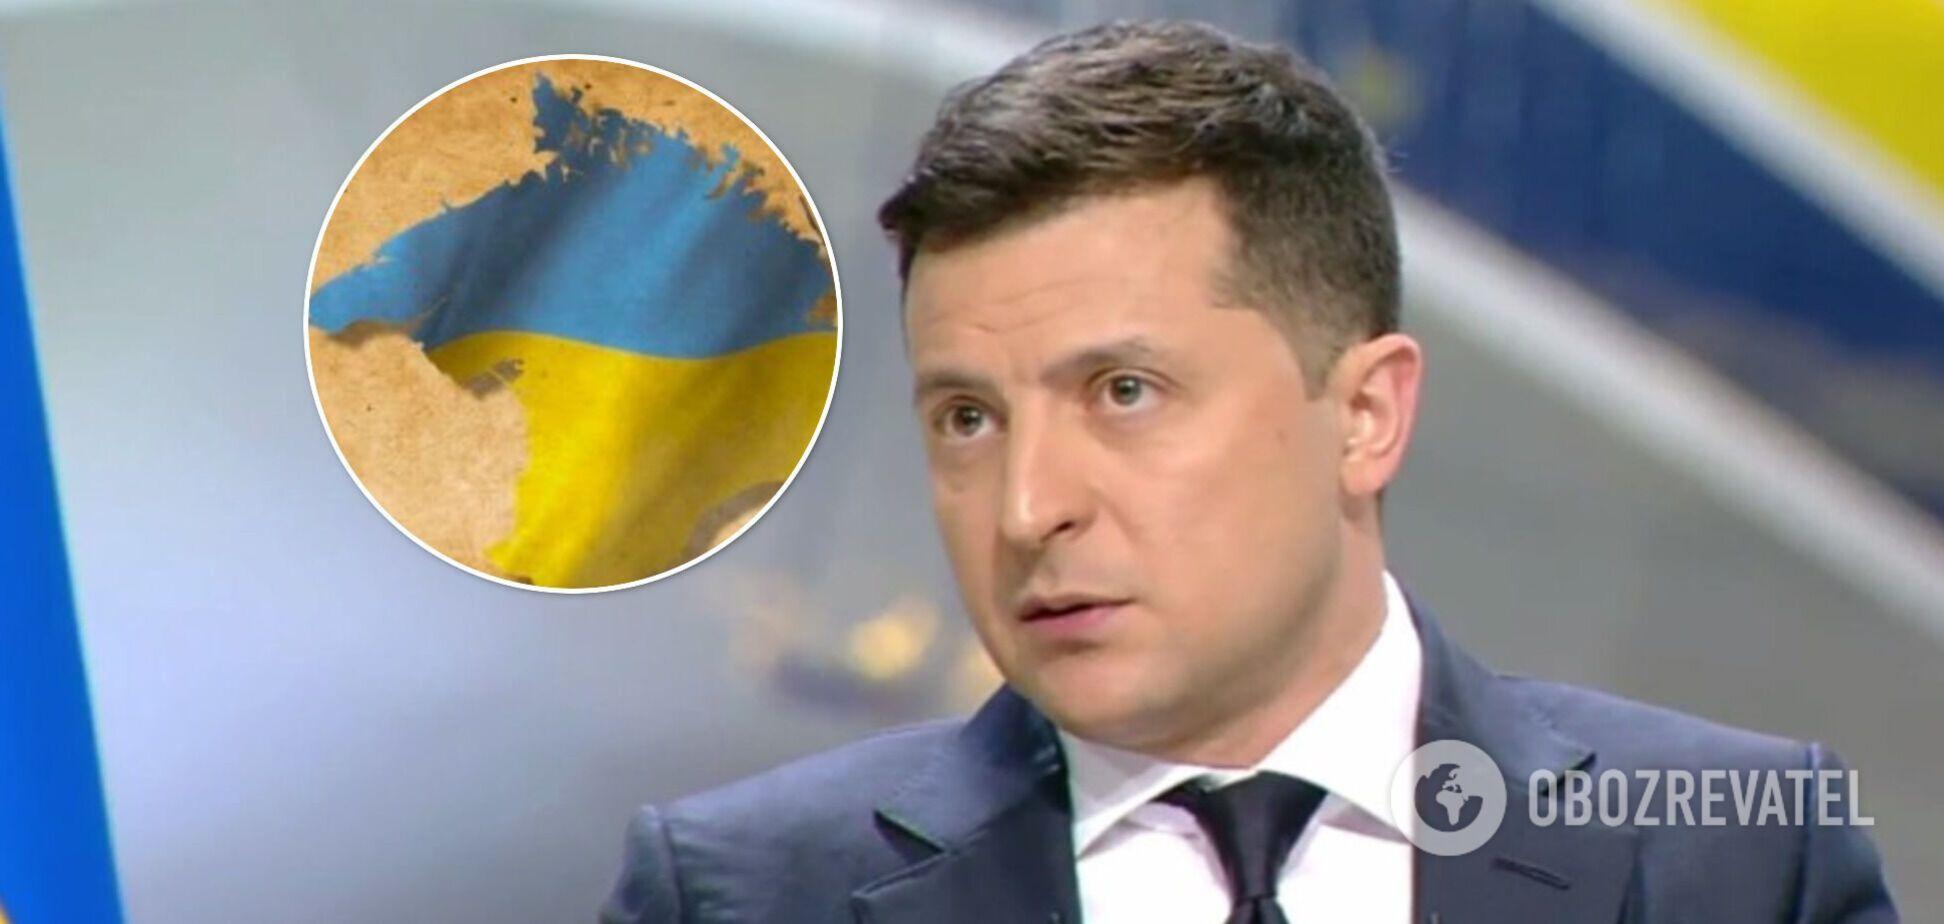 Зеленский выступил в Раде и предложил День украинской государственности сделать выходным. Видео